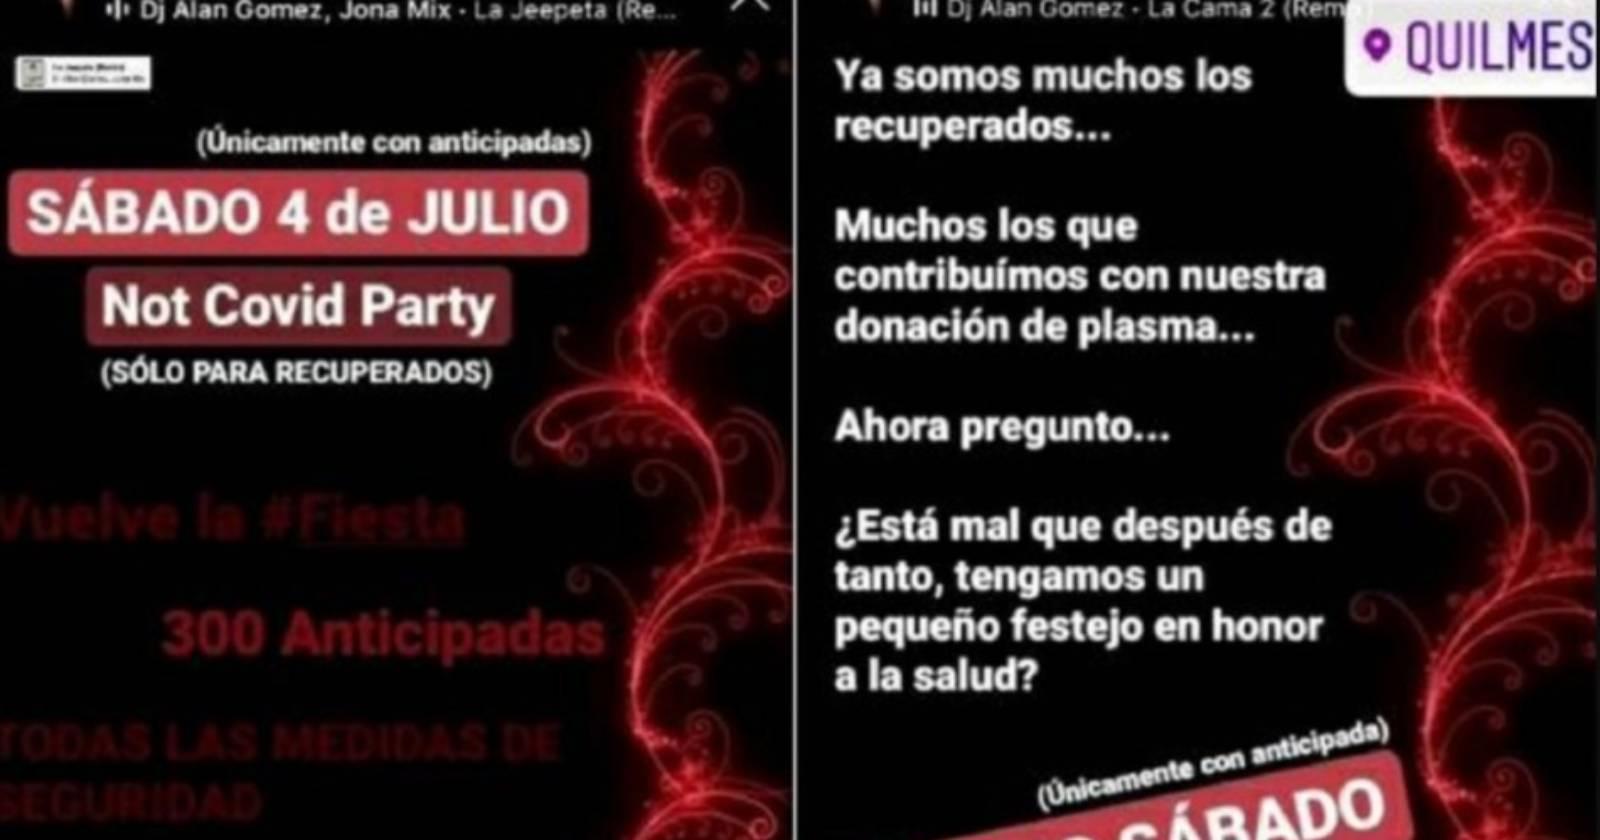 Not Covid: la polémica fiesta para recuperados de coronavirus en Argentina